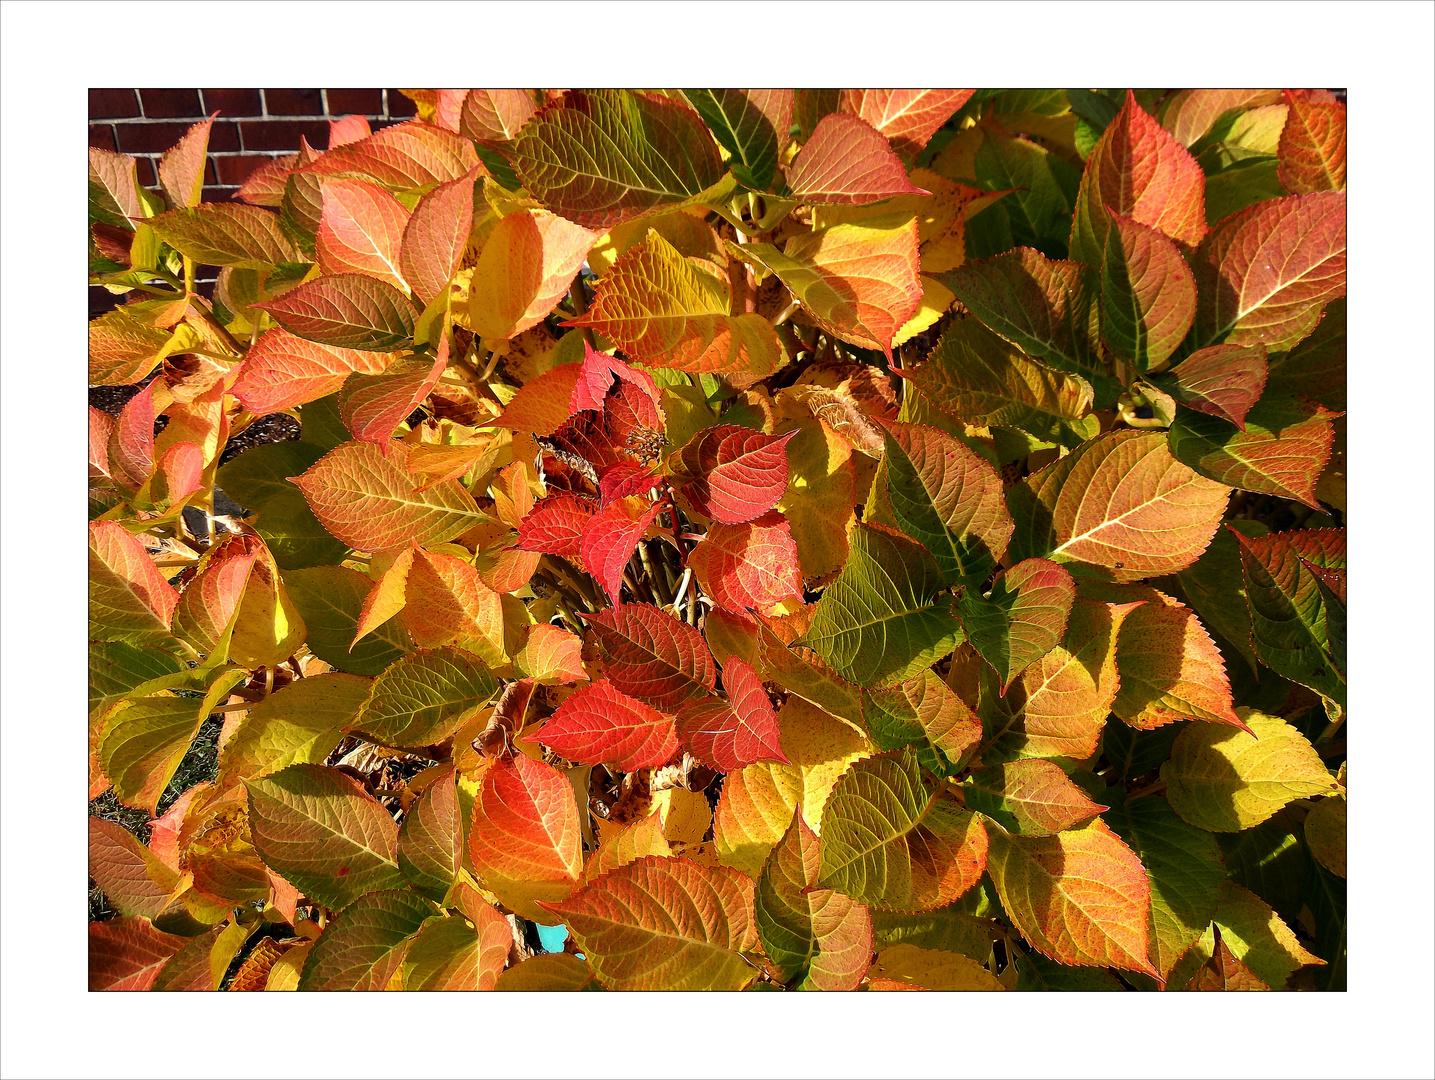 voll die Herbstfarben!